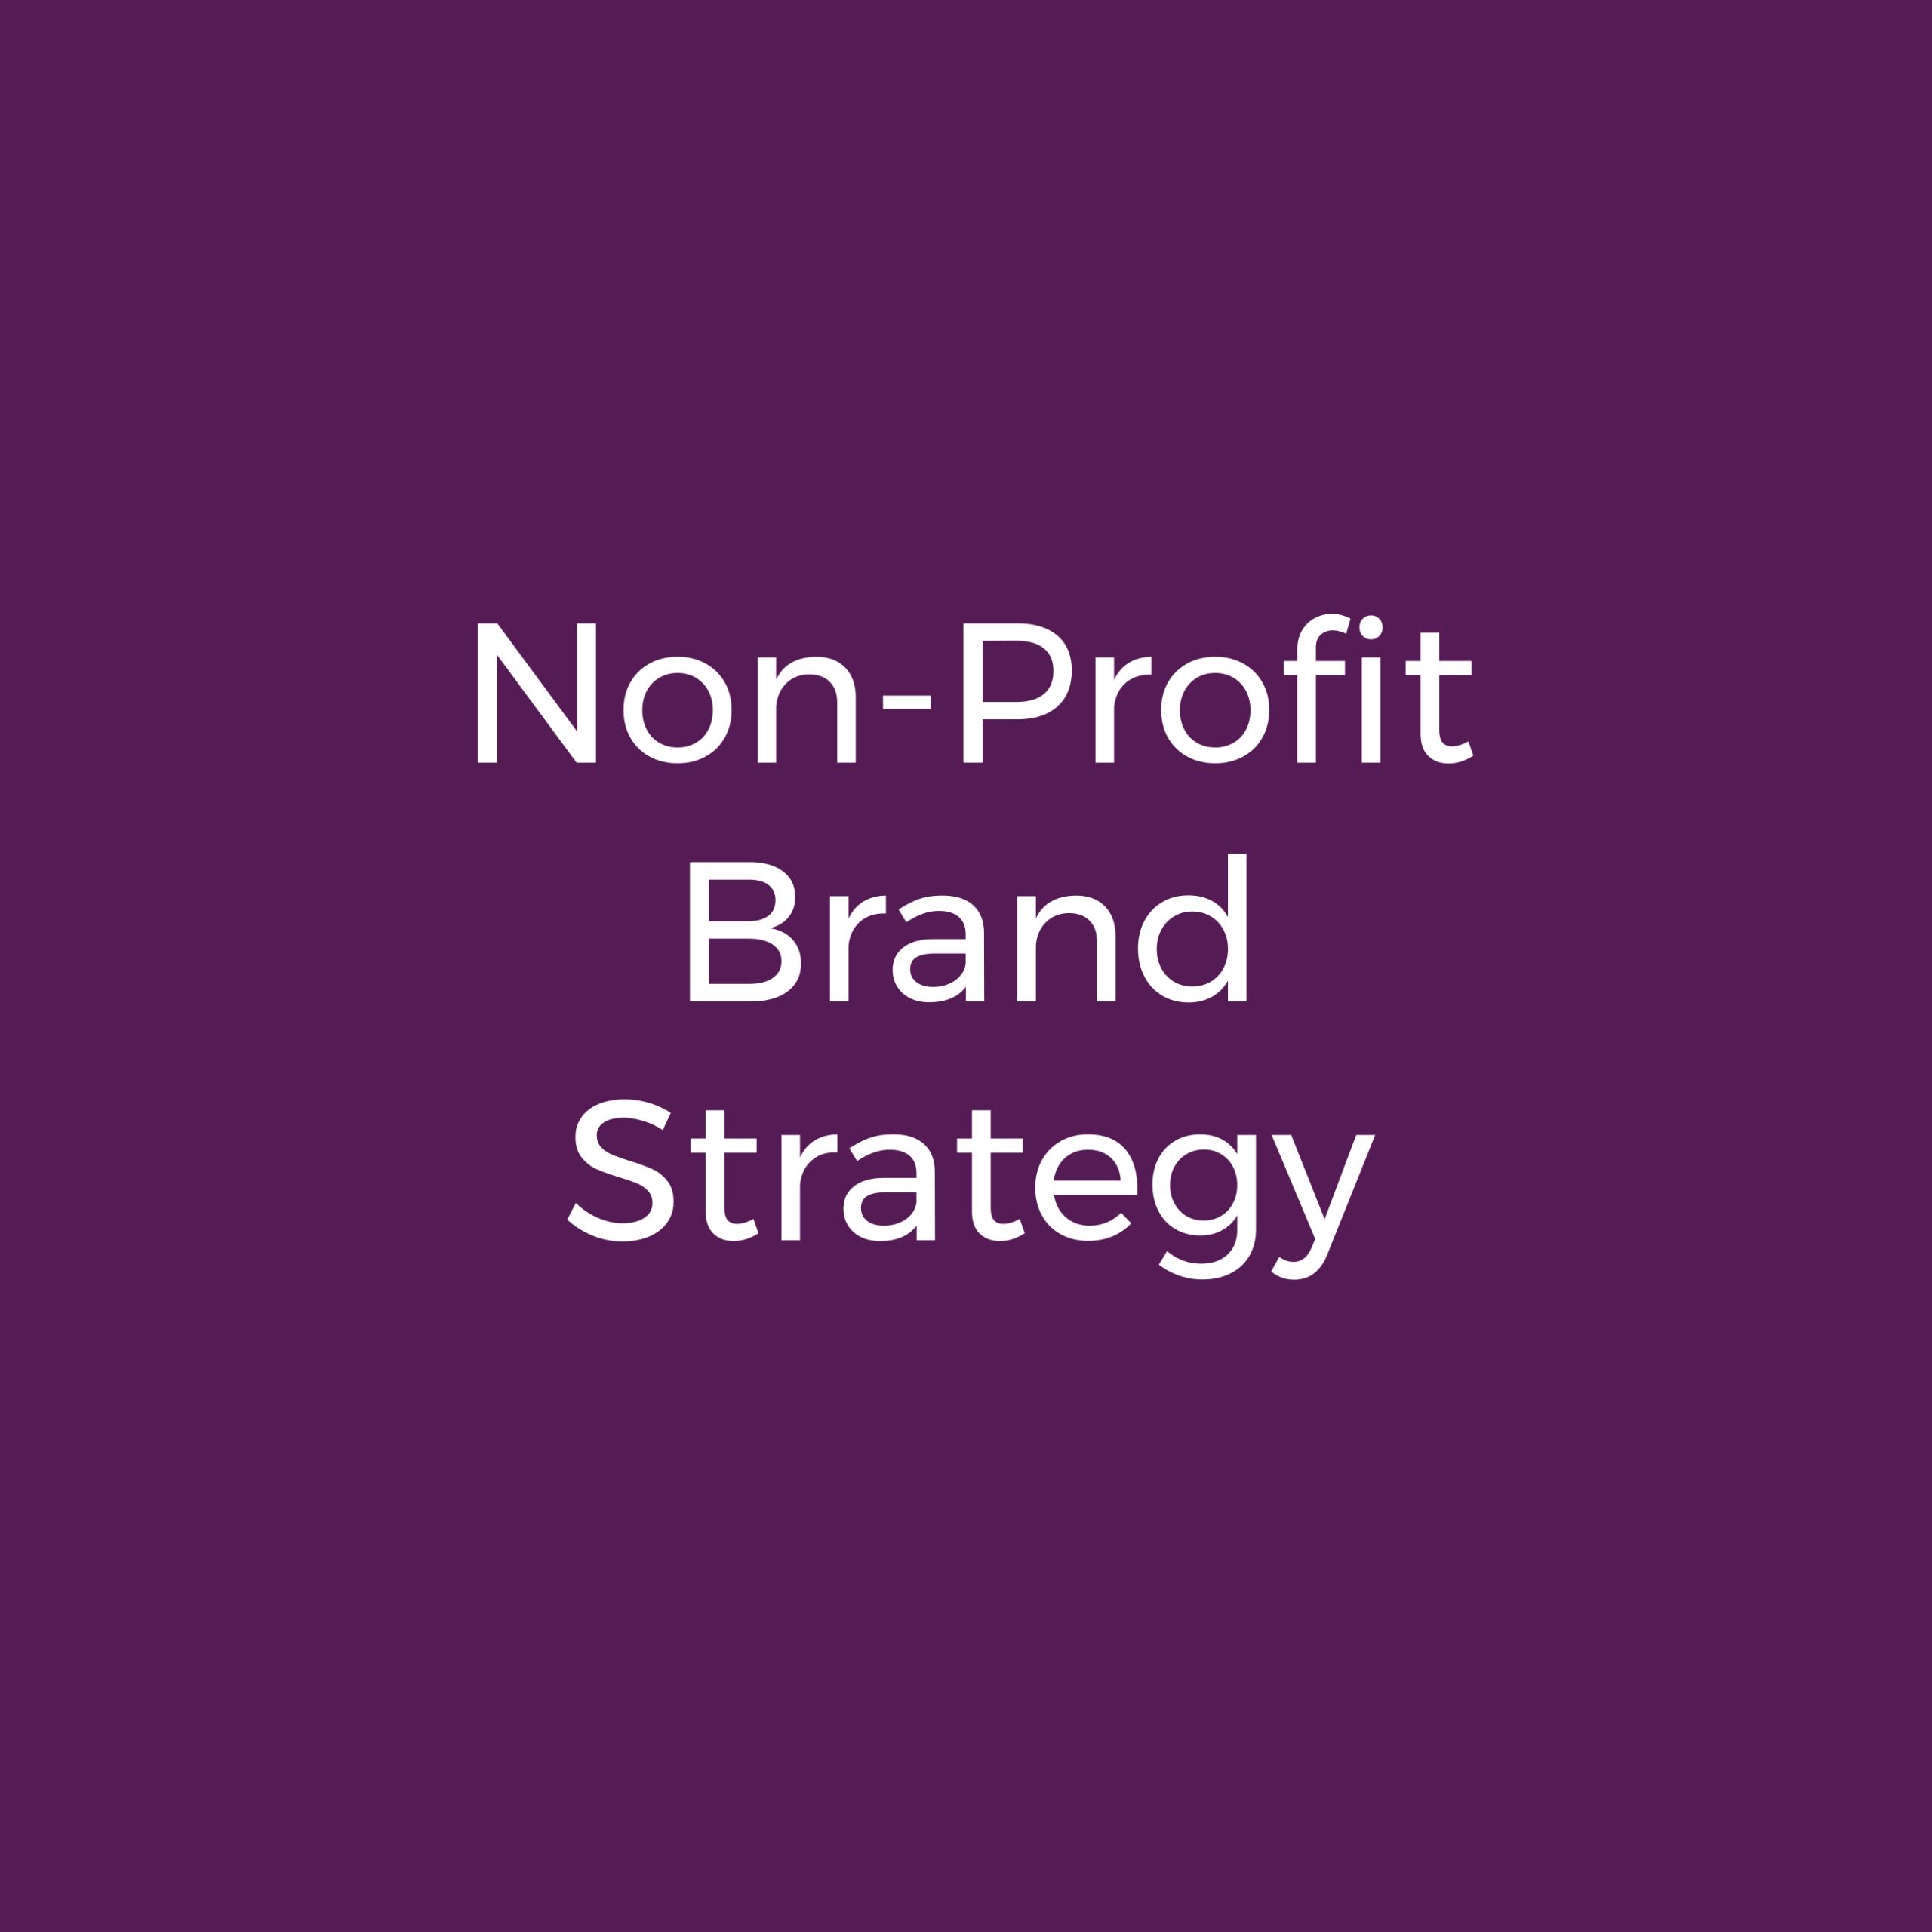 Non-Profit Brand Strategy